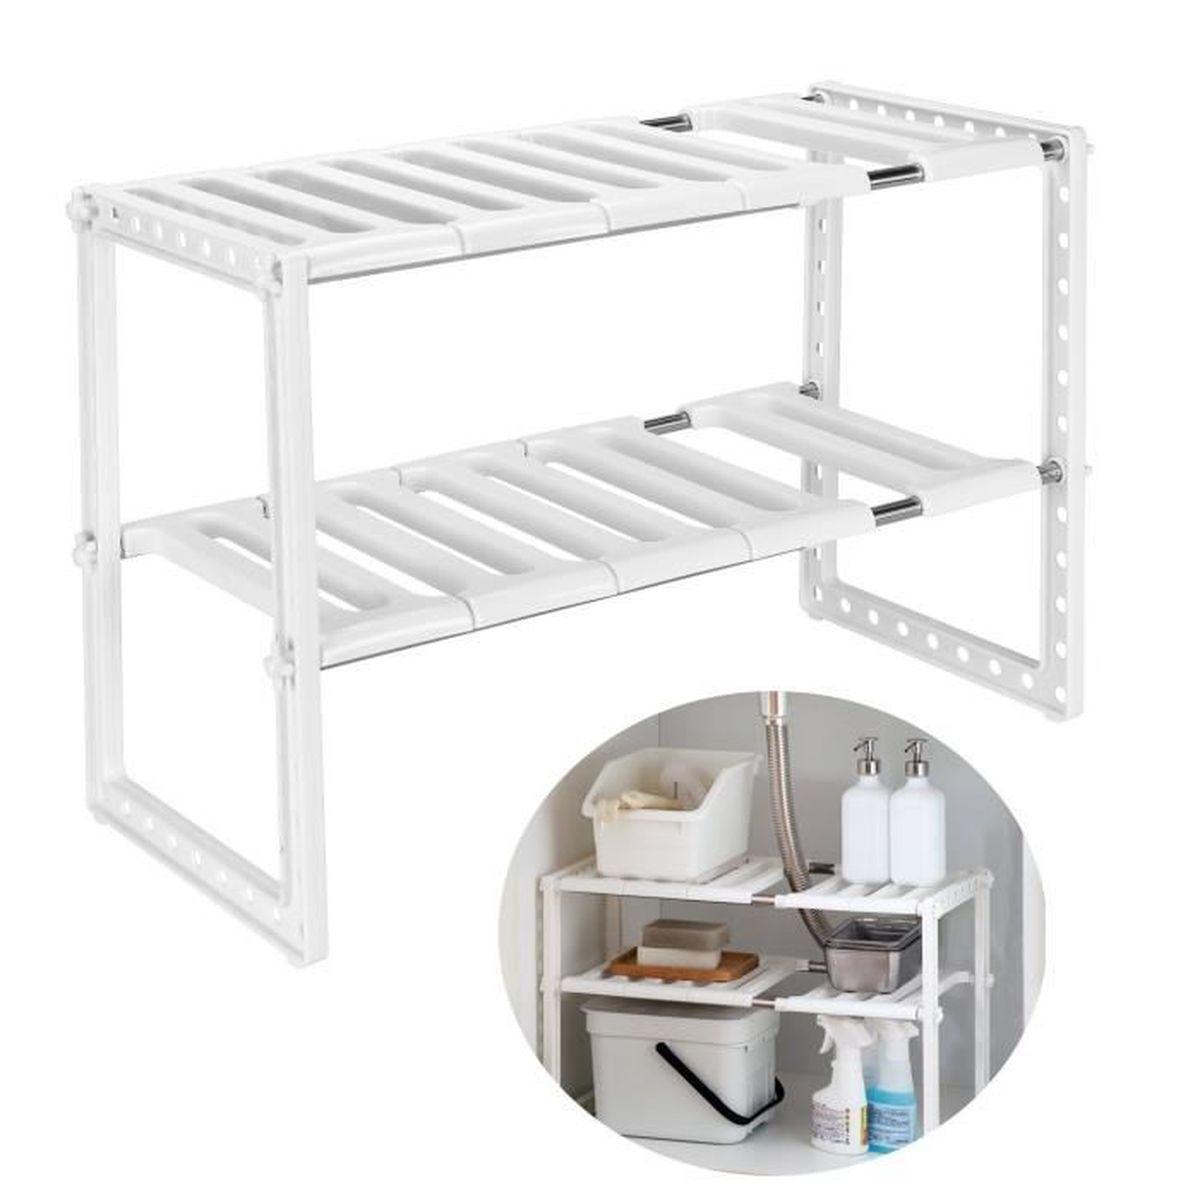 Organiser Meuble Sous Evier etagère de rangement sous Évier rack de stockage extensible